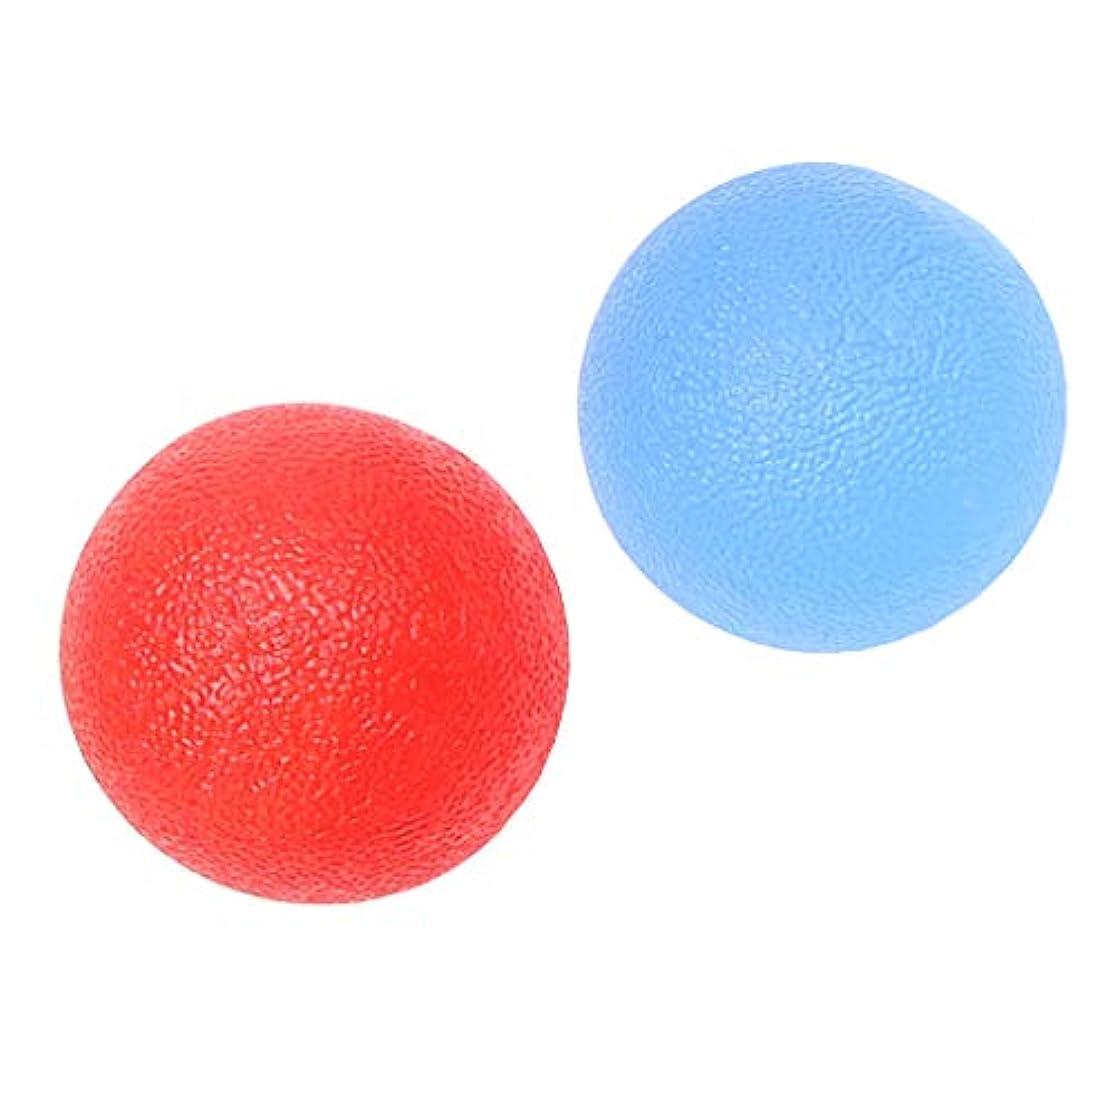 イデオロギー海峡ひも次へFLAMEER 2個 ハンドエクササイズボール ハンドグリップ シリコン 指トレーニング ストレス緩和 柔軟 赤/青